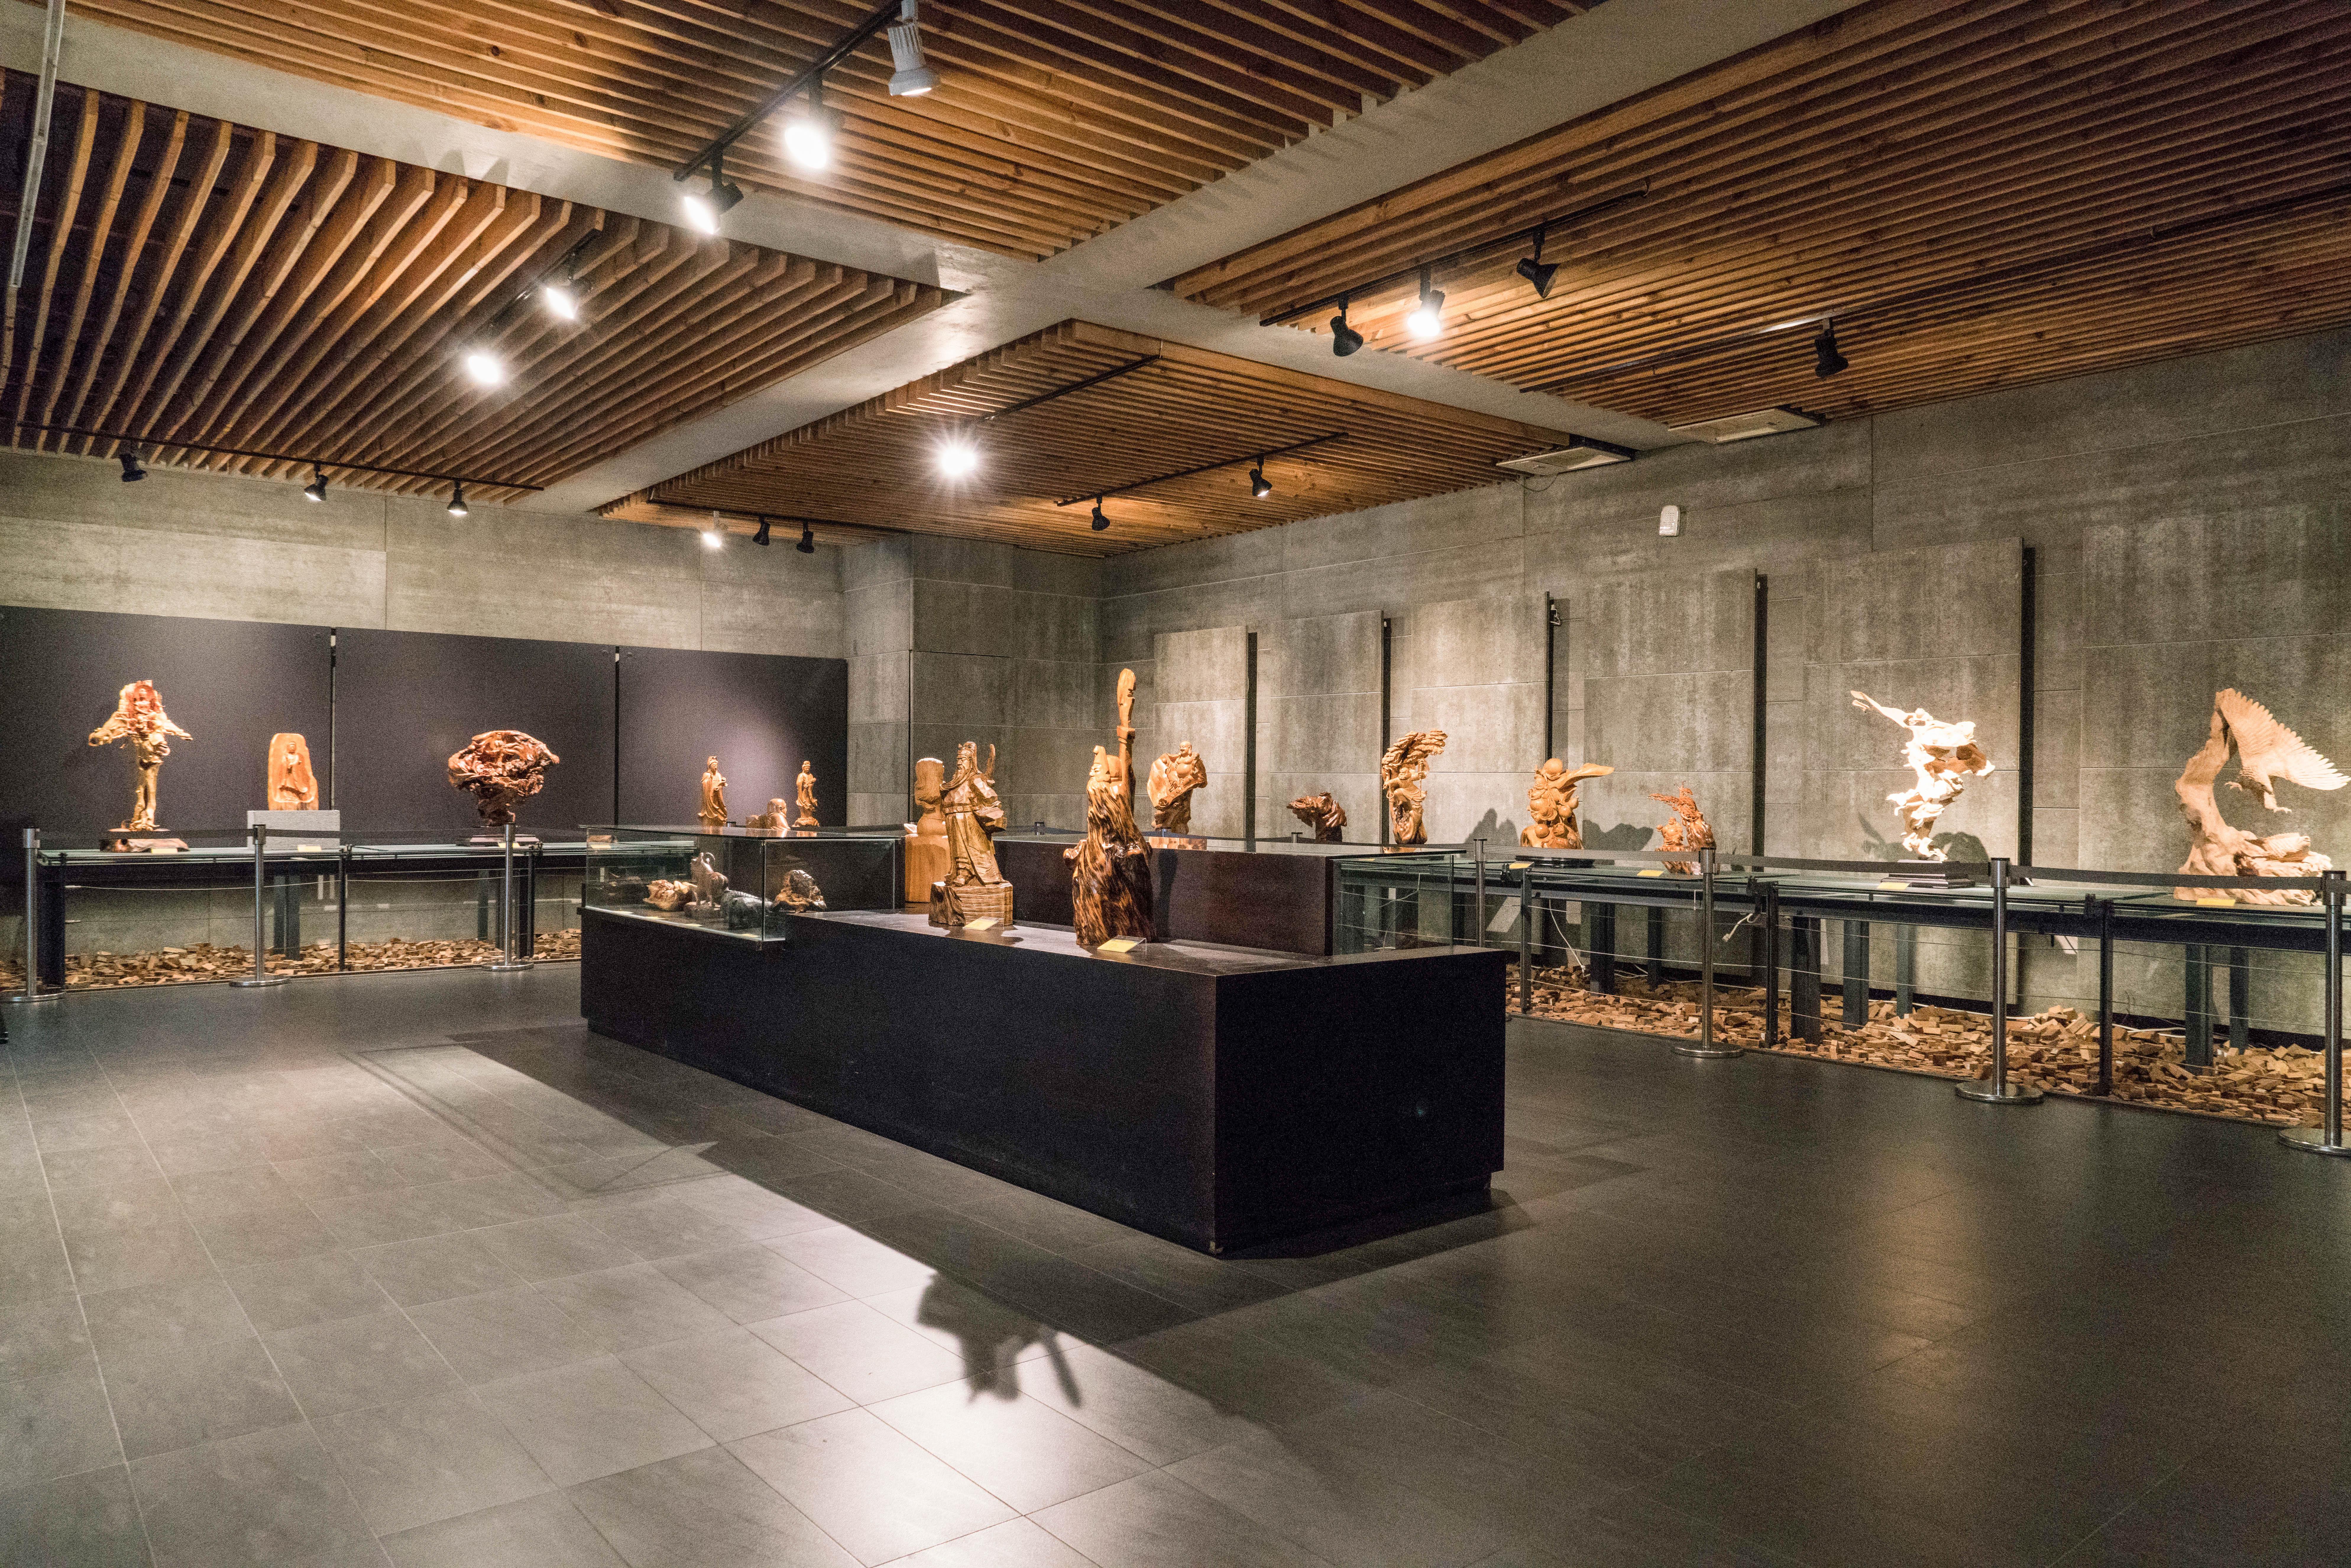 三義木彫博物館の展示エリア